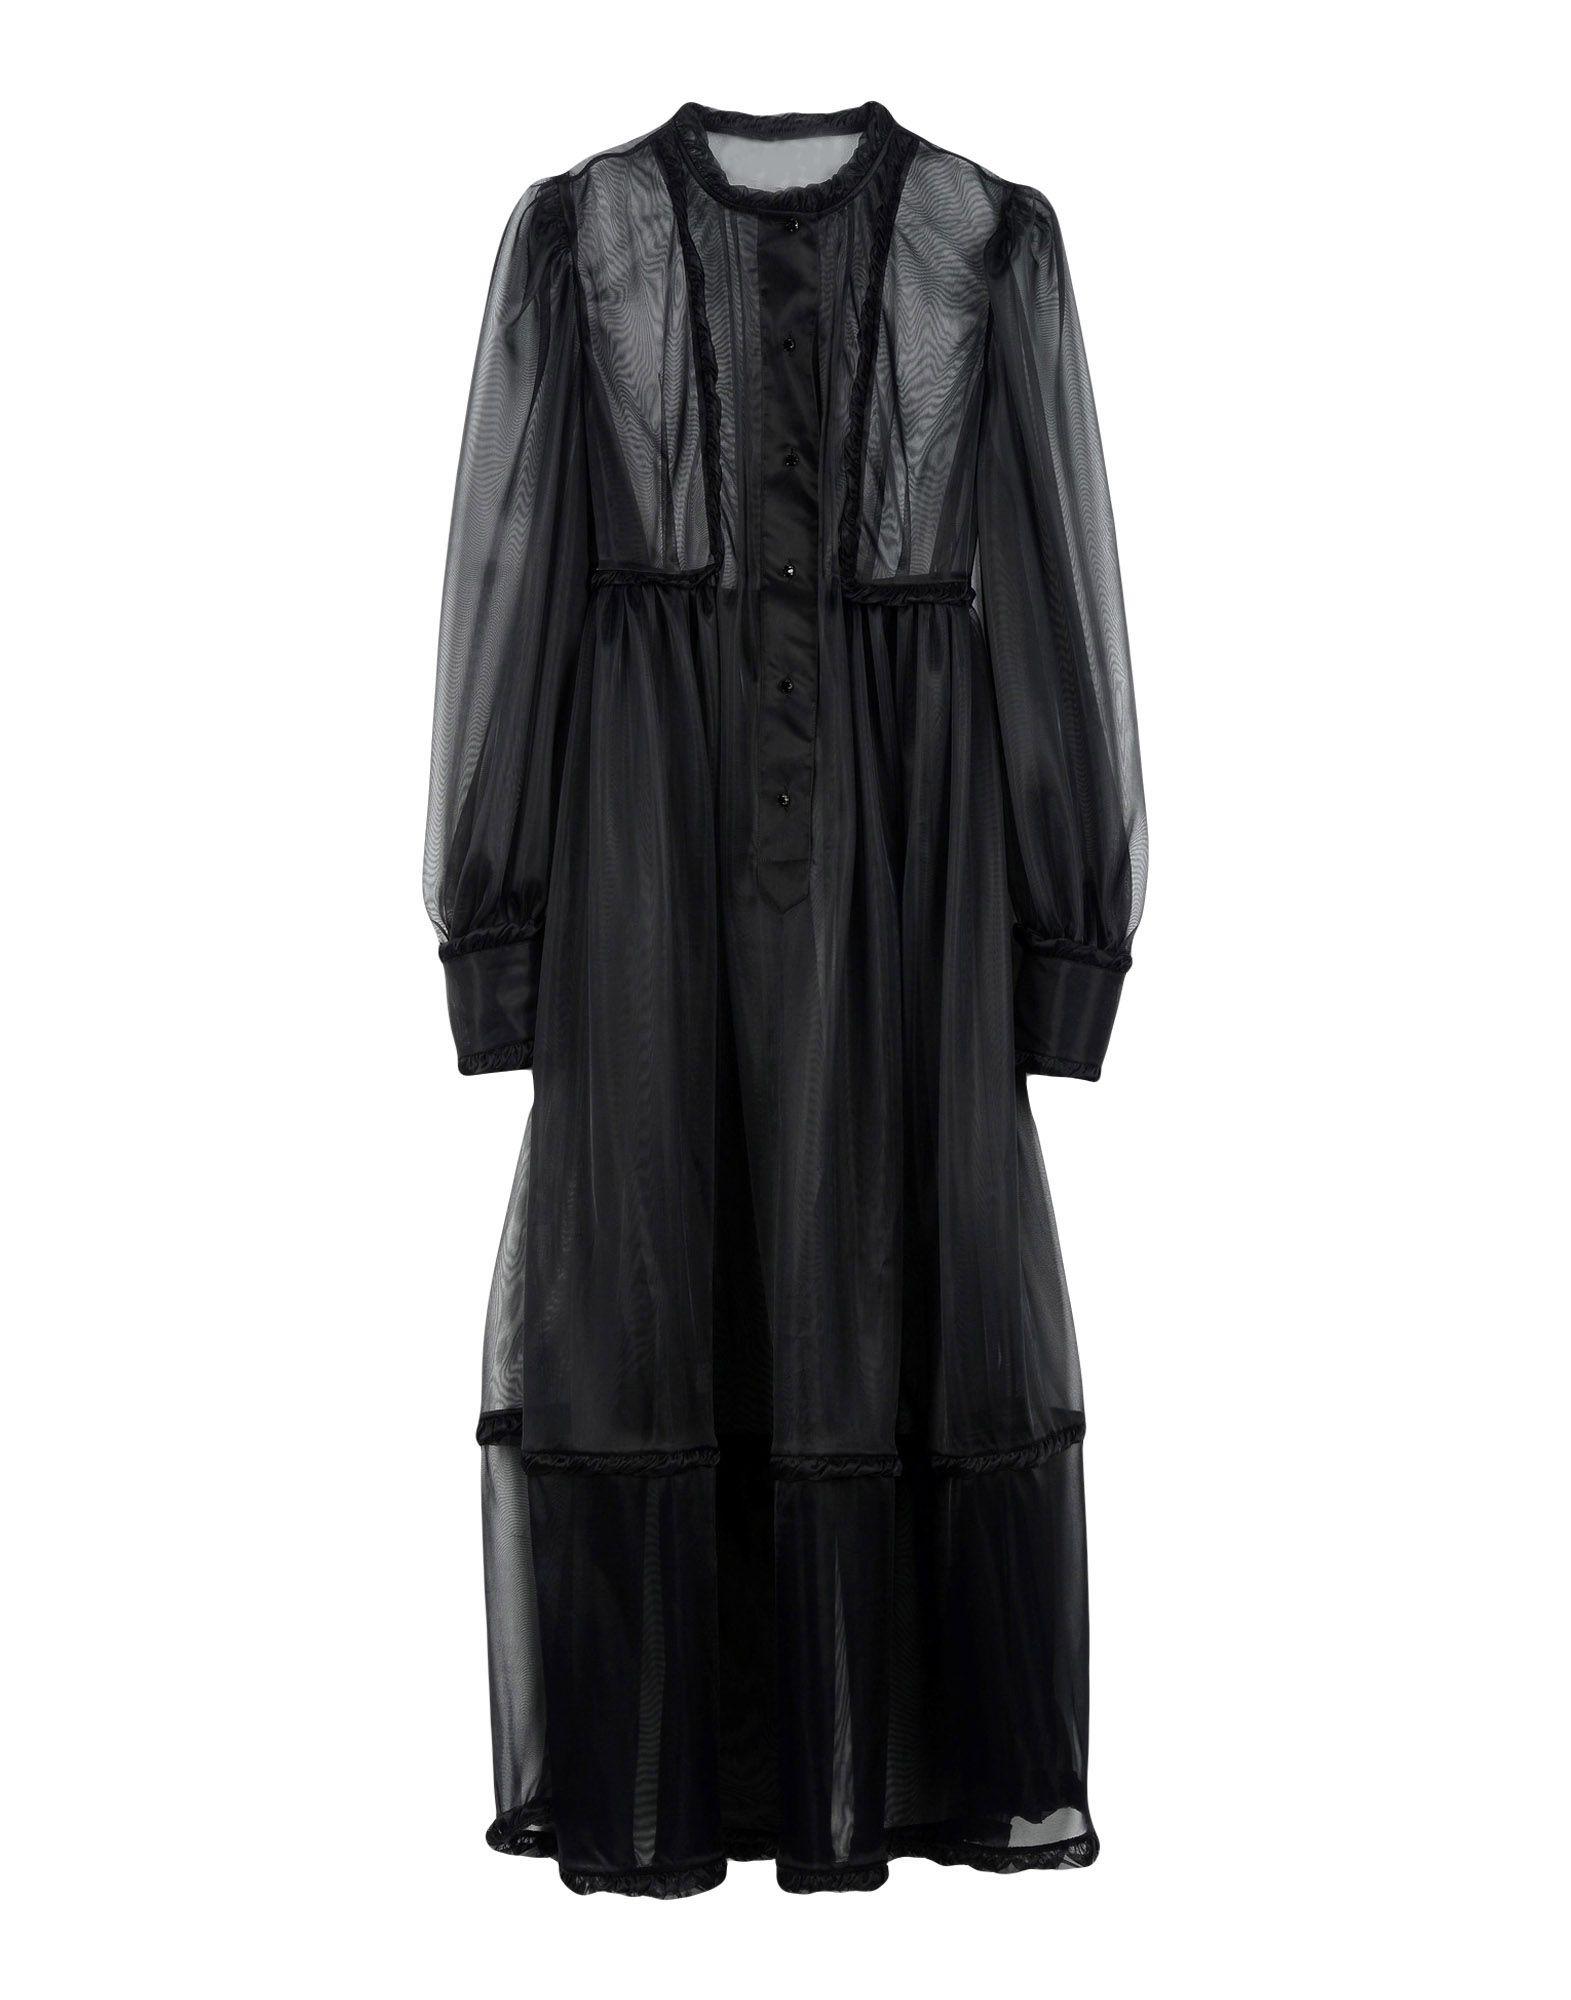 MAISON MARGIELA Длинное платье lovaru ™новый 2015 мода новые печатные органза сладкий простой талии платье женщина casual платье